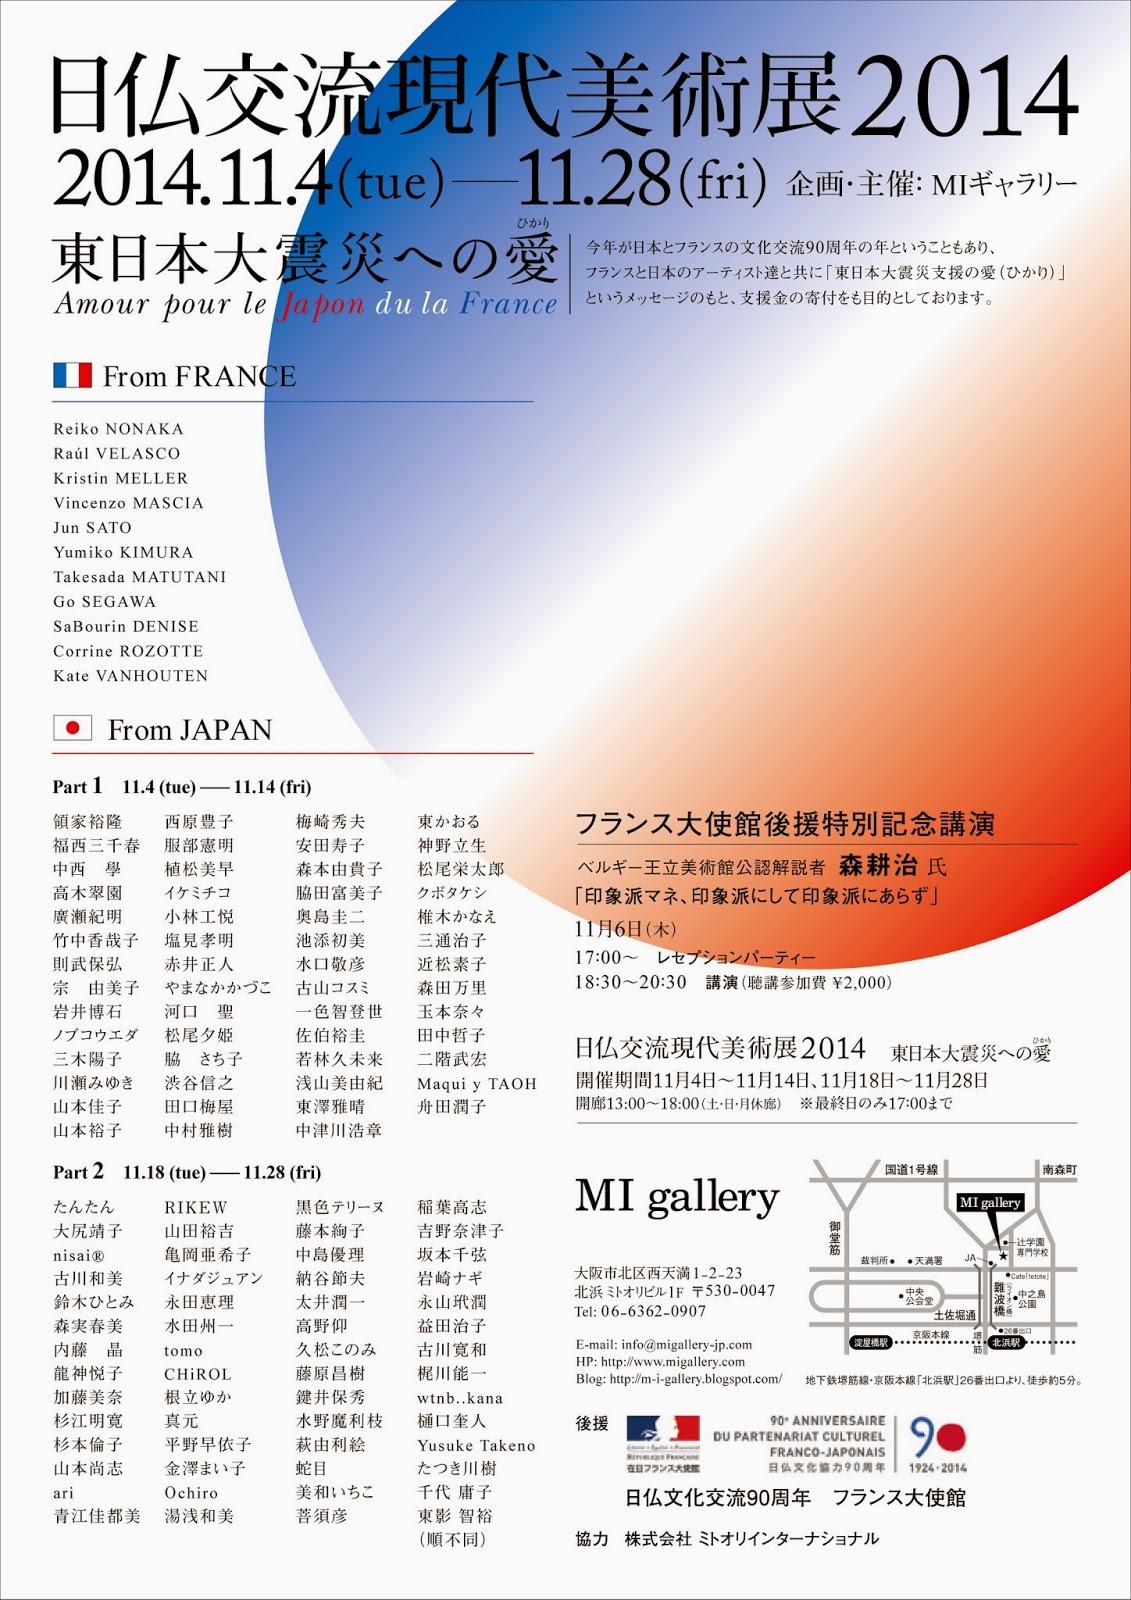 日仏交流現代美術展 2014